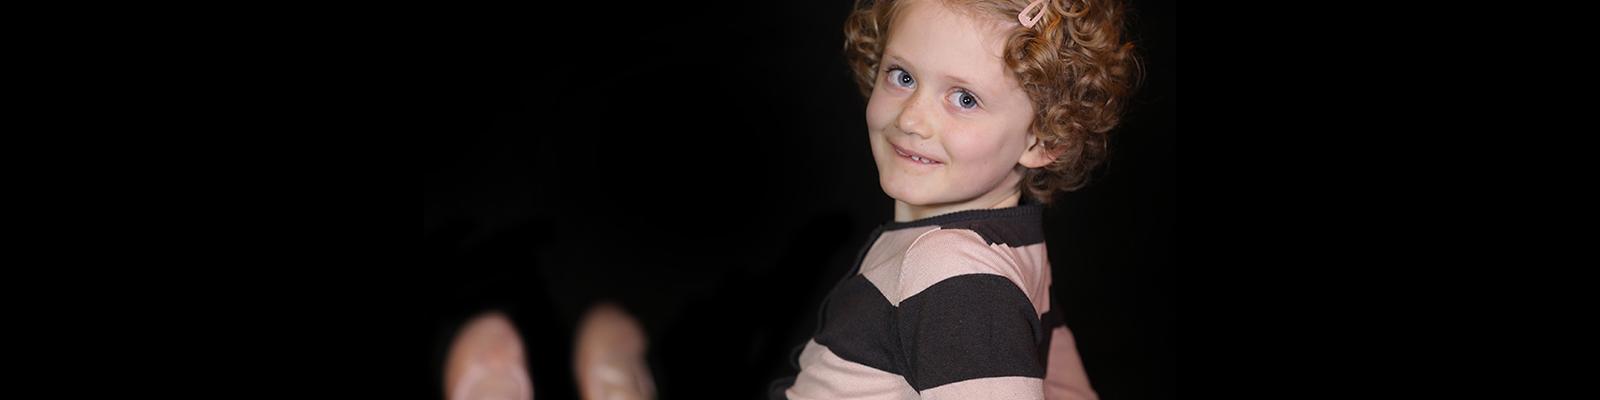 Der BeSafe iZi Up X3 Fix für große Kinder